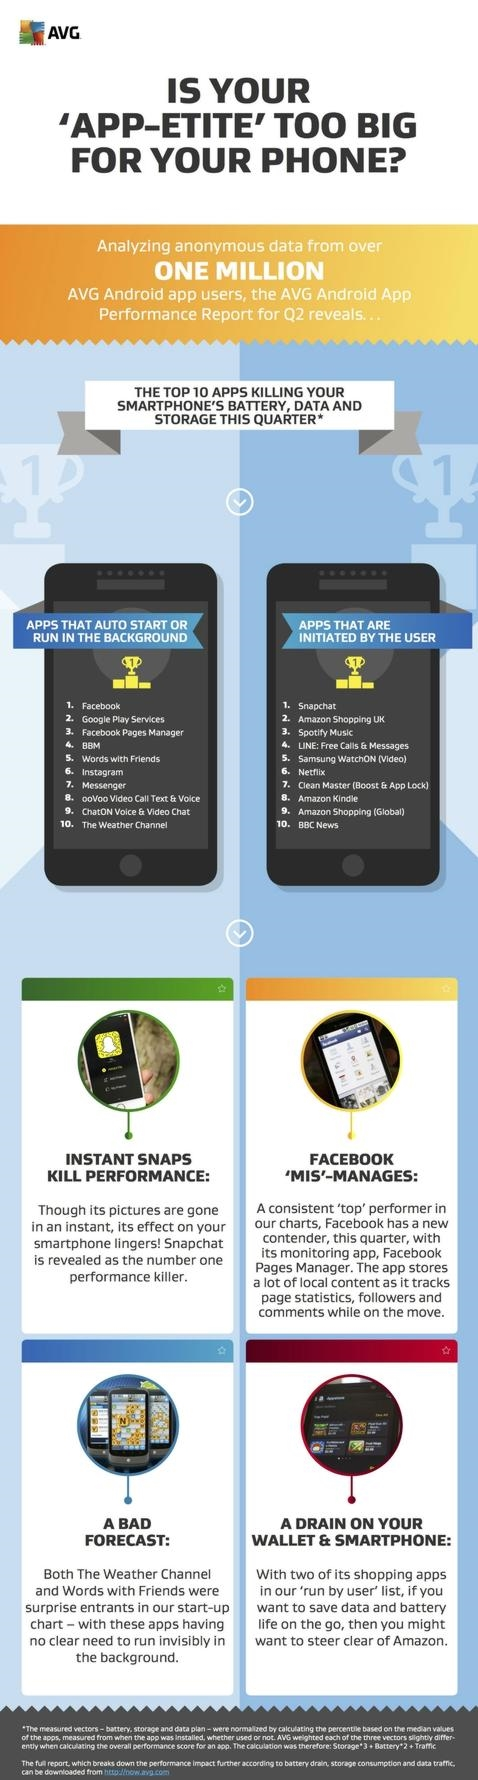 Android: las diez aplicaciones que más batería consumen, más espacio ocupan y más datos móviles gastan